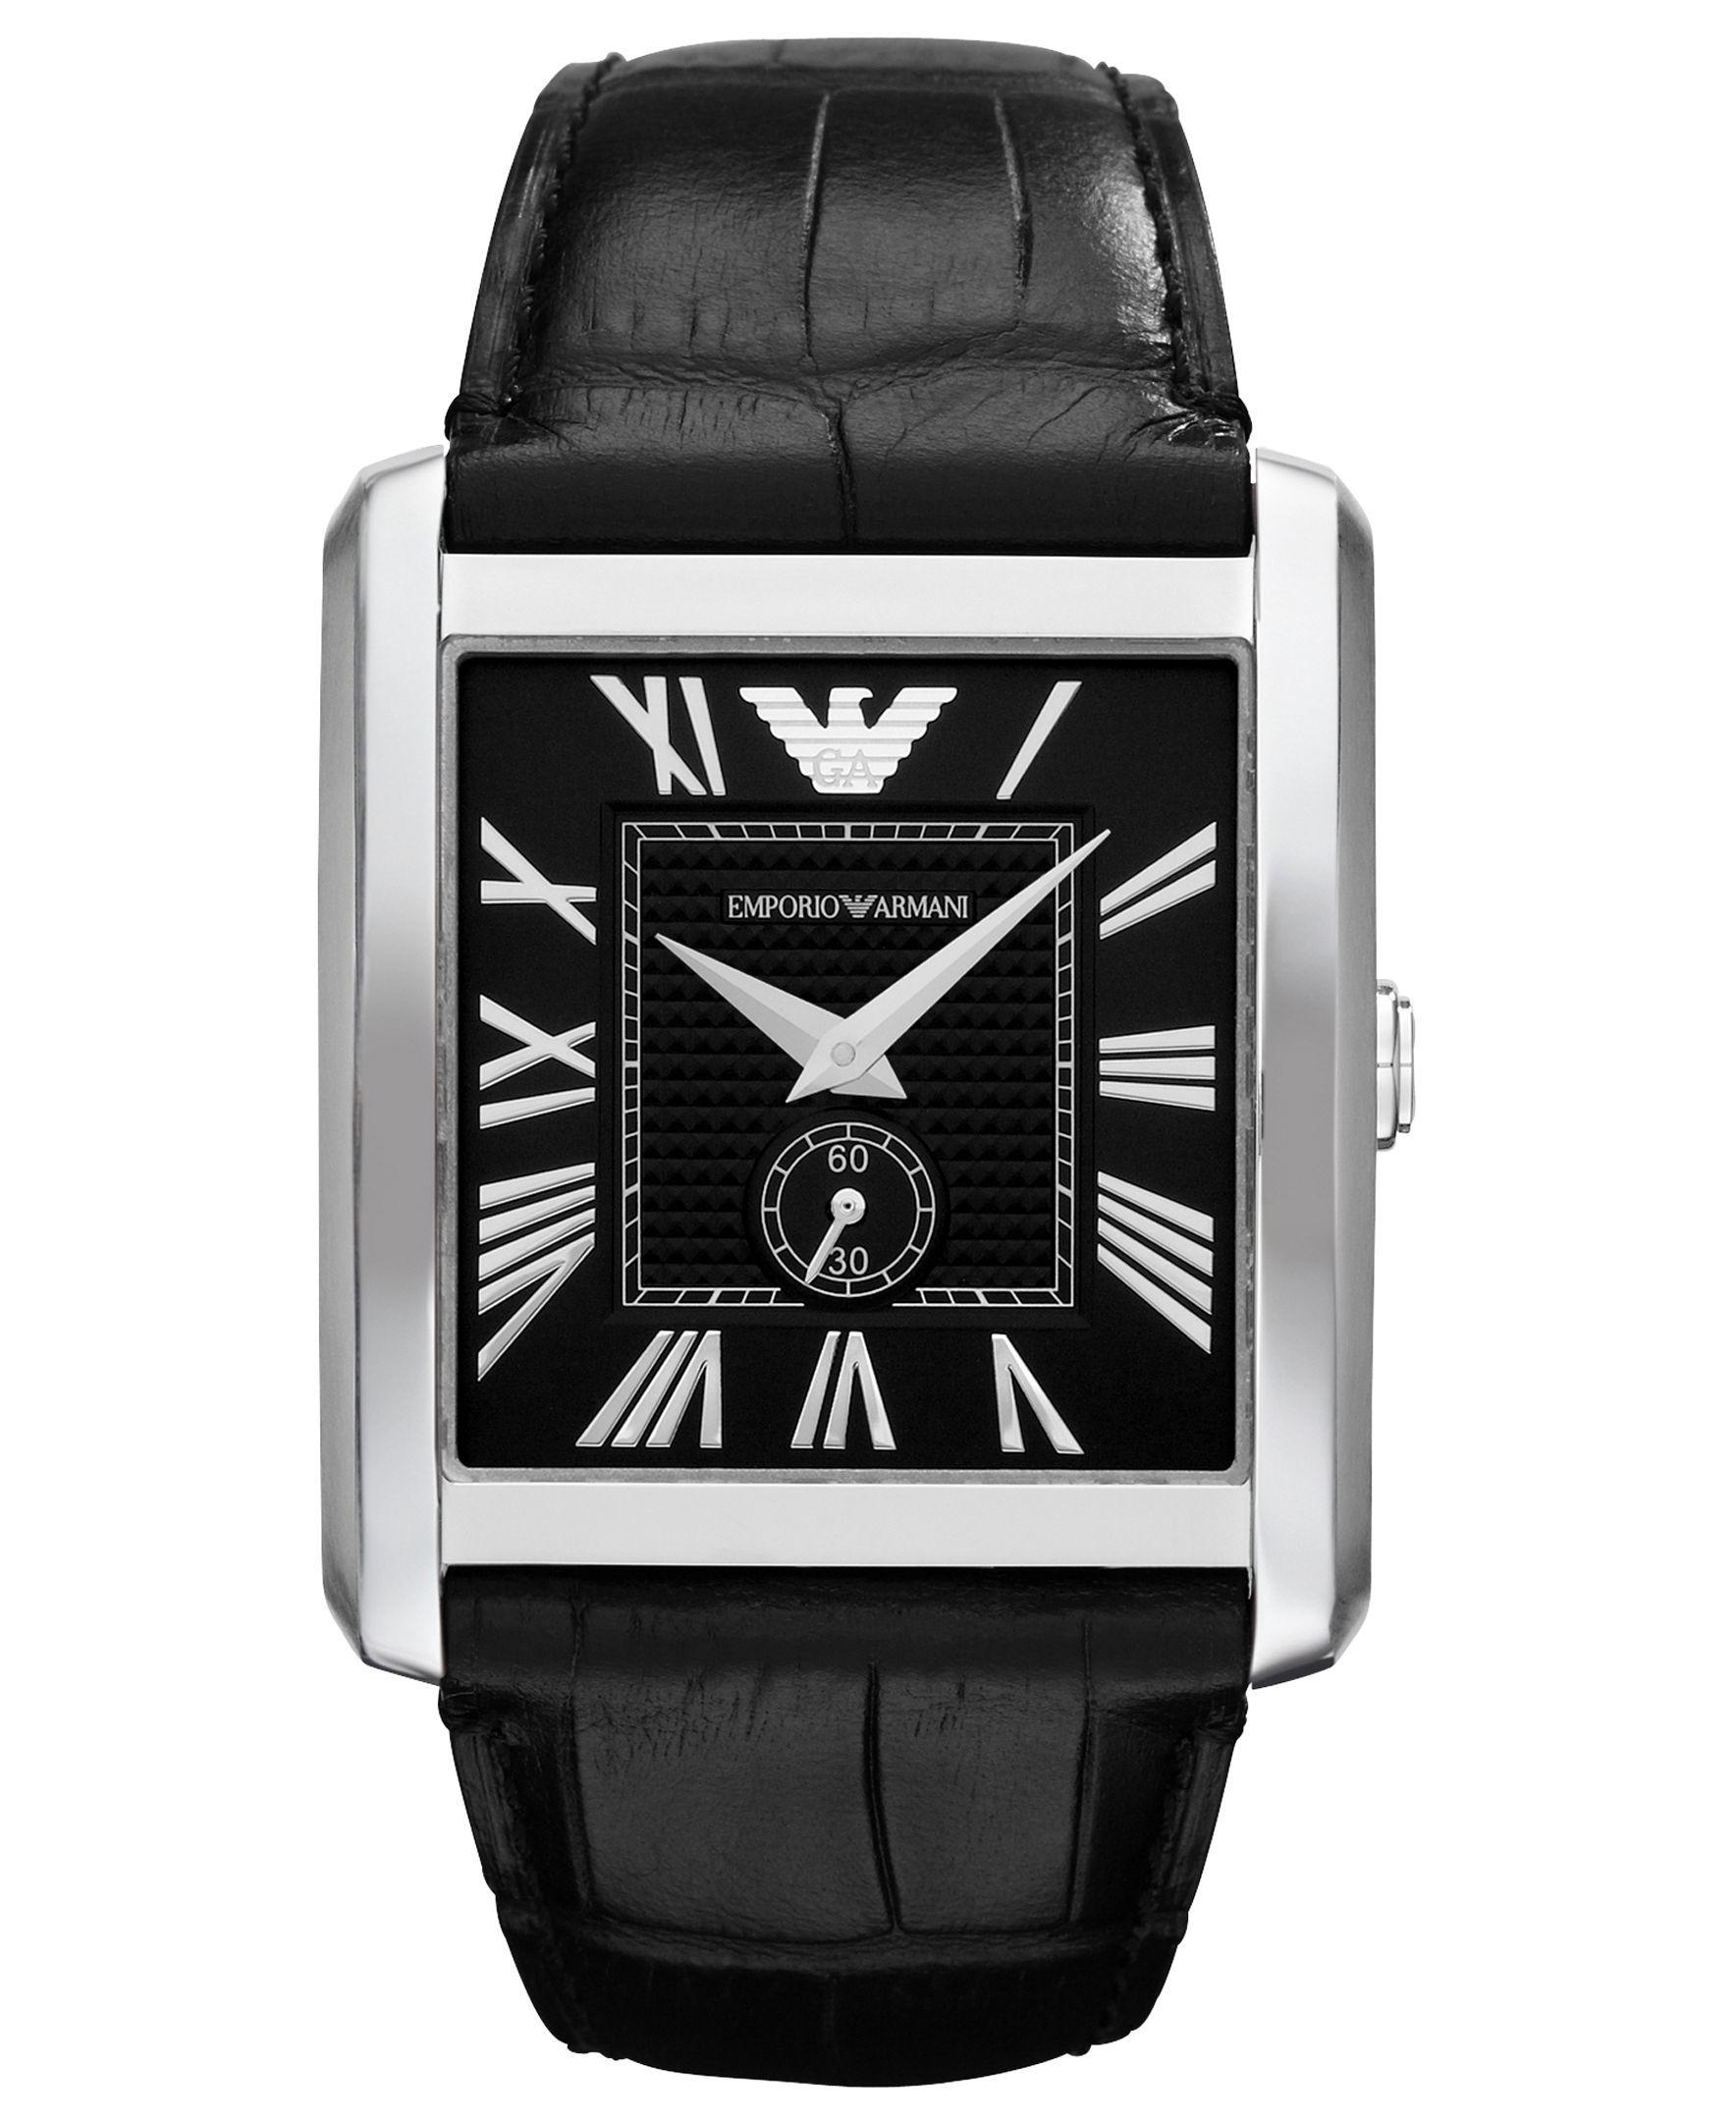 d9089ddc05b Emporio Armani Watch